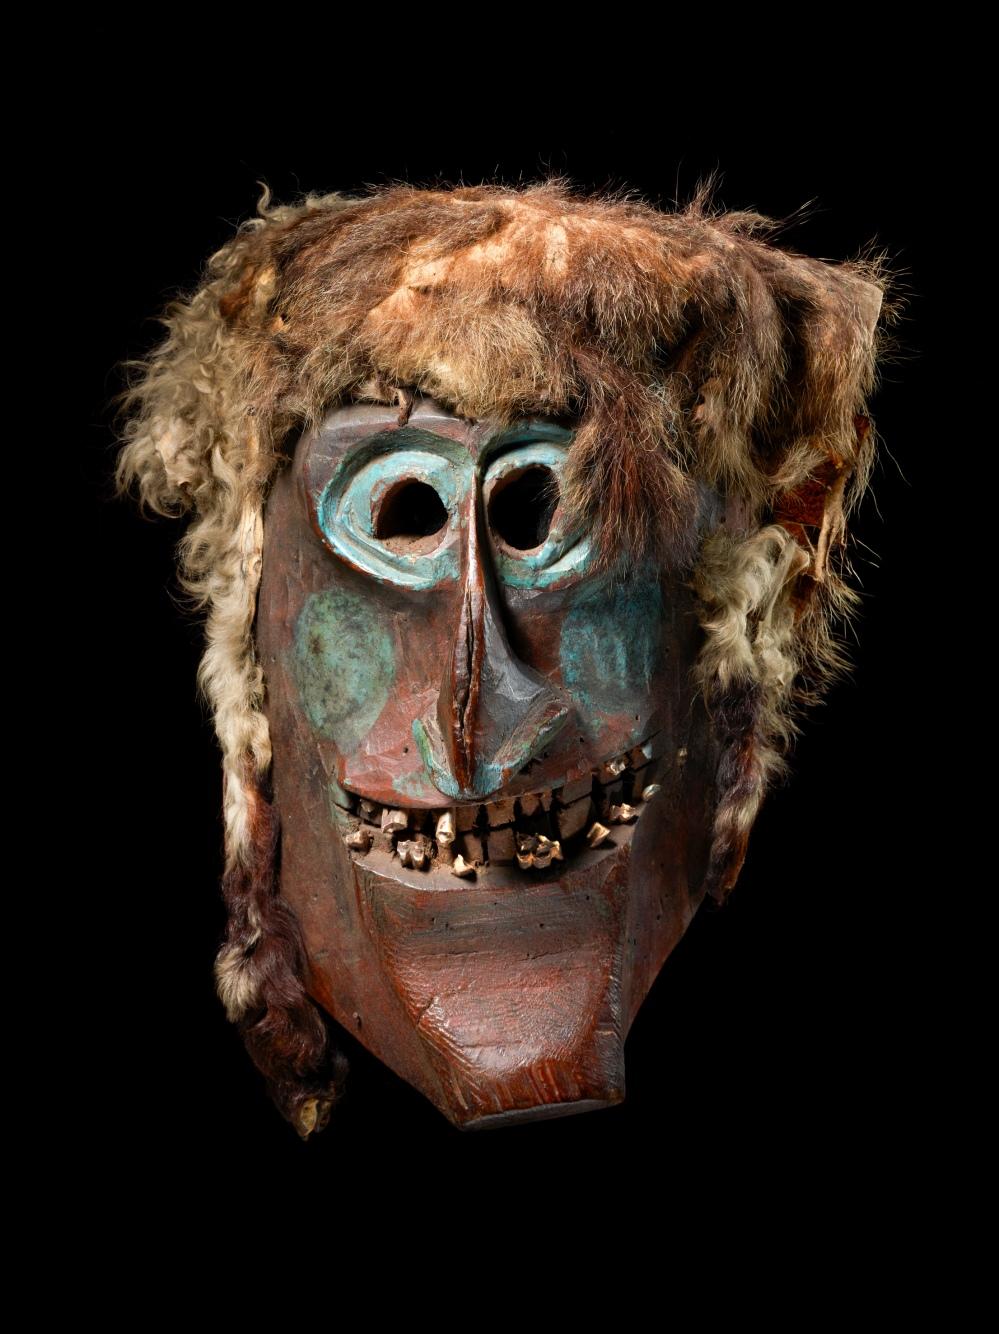 05. Masque-grotesque